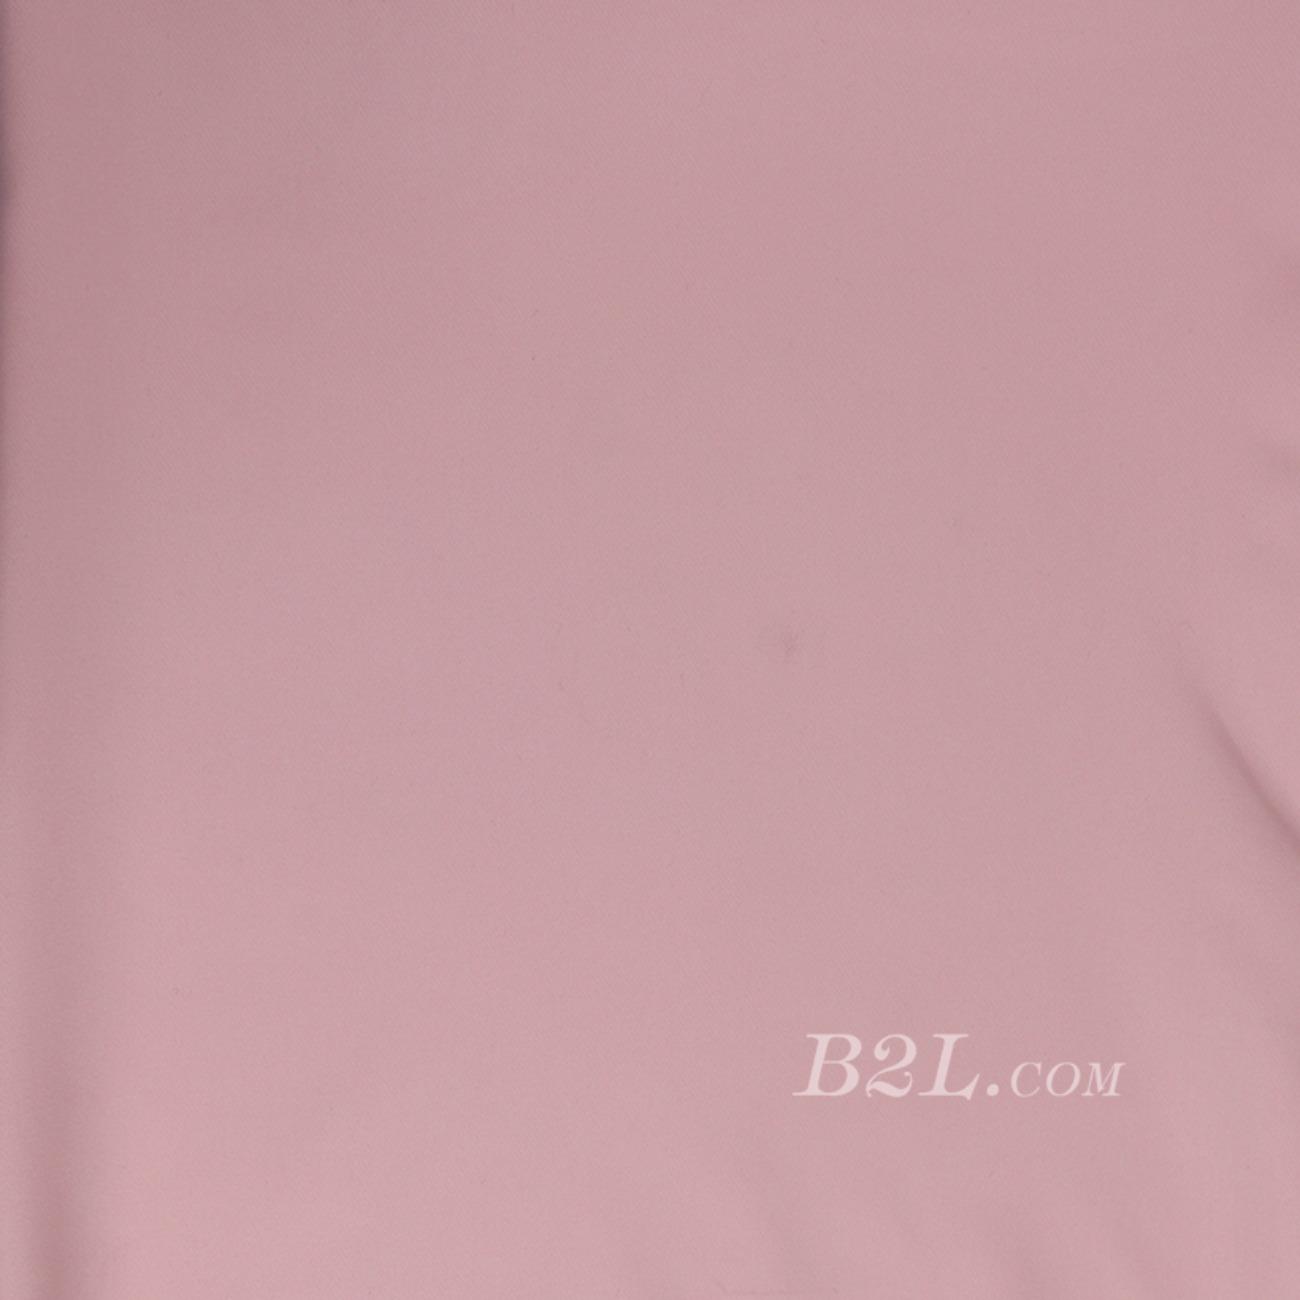 平纹梭织素色染色连衣裙 短裙 衬衫 无弹 春 秋 柔软 薄 70703-7